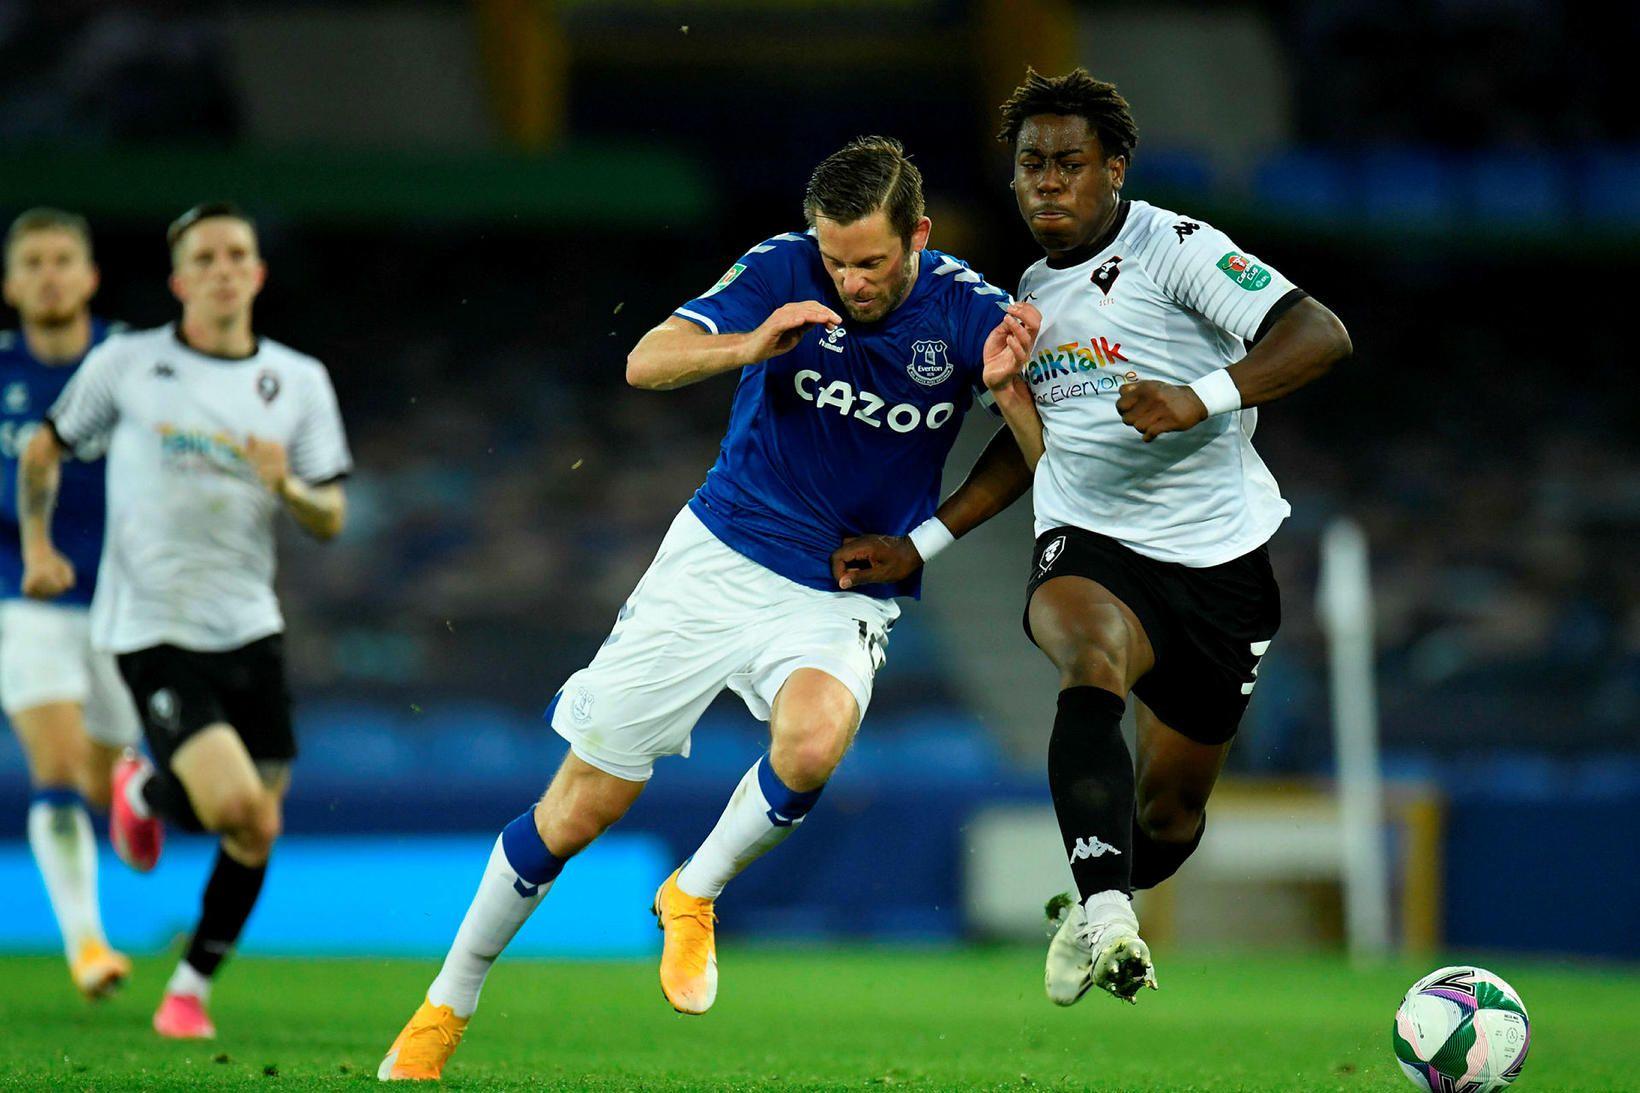 Gylfi leikur nú með Everton.